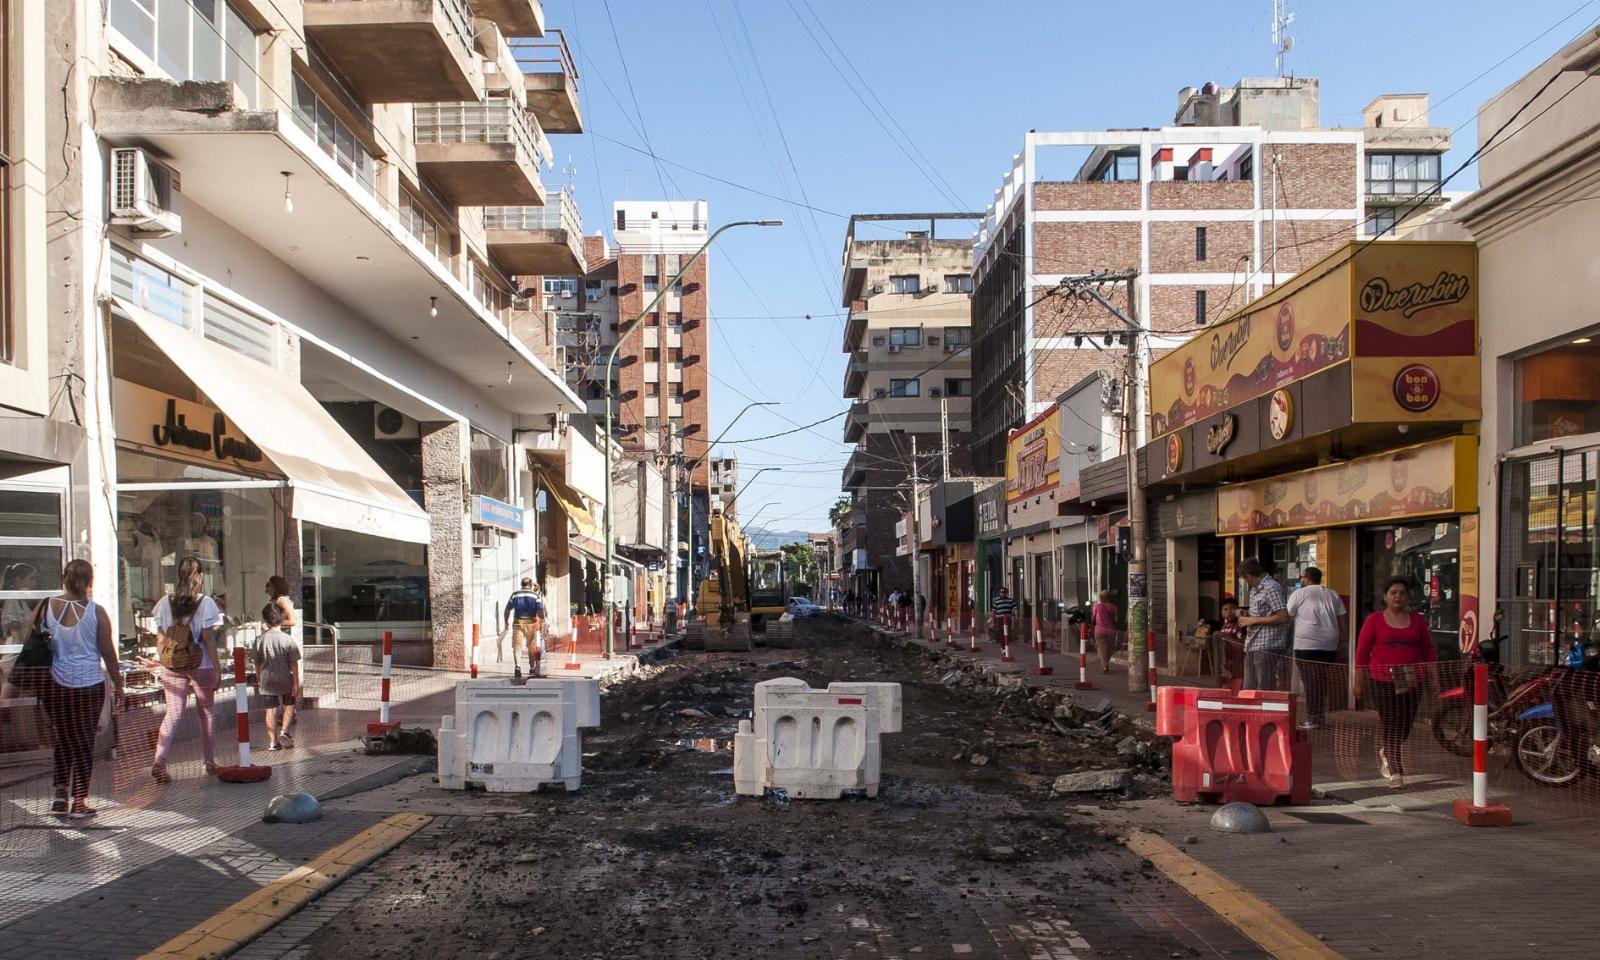 Cambios En El Corazon De La Ciudad El Esquiu